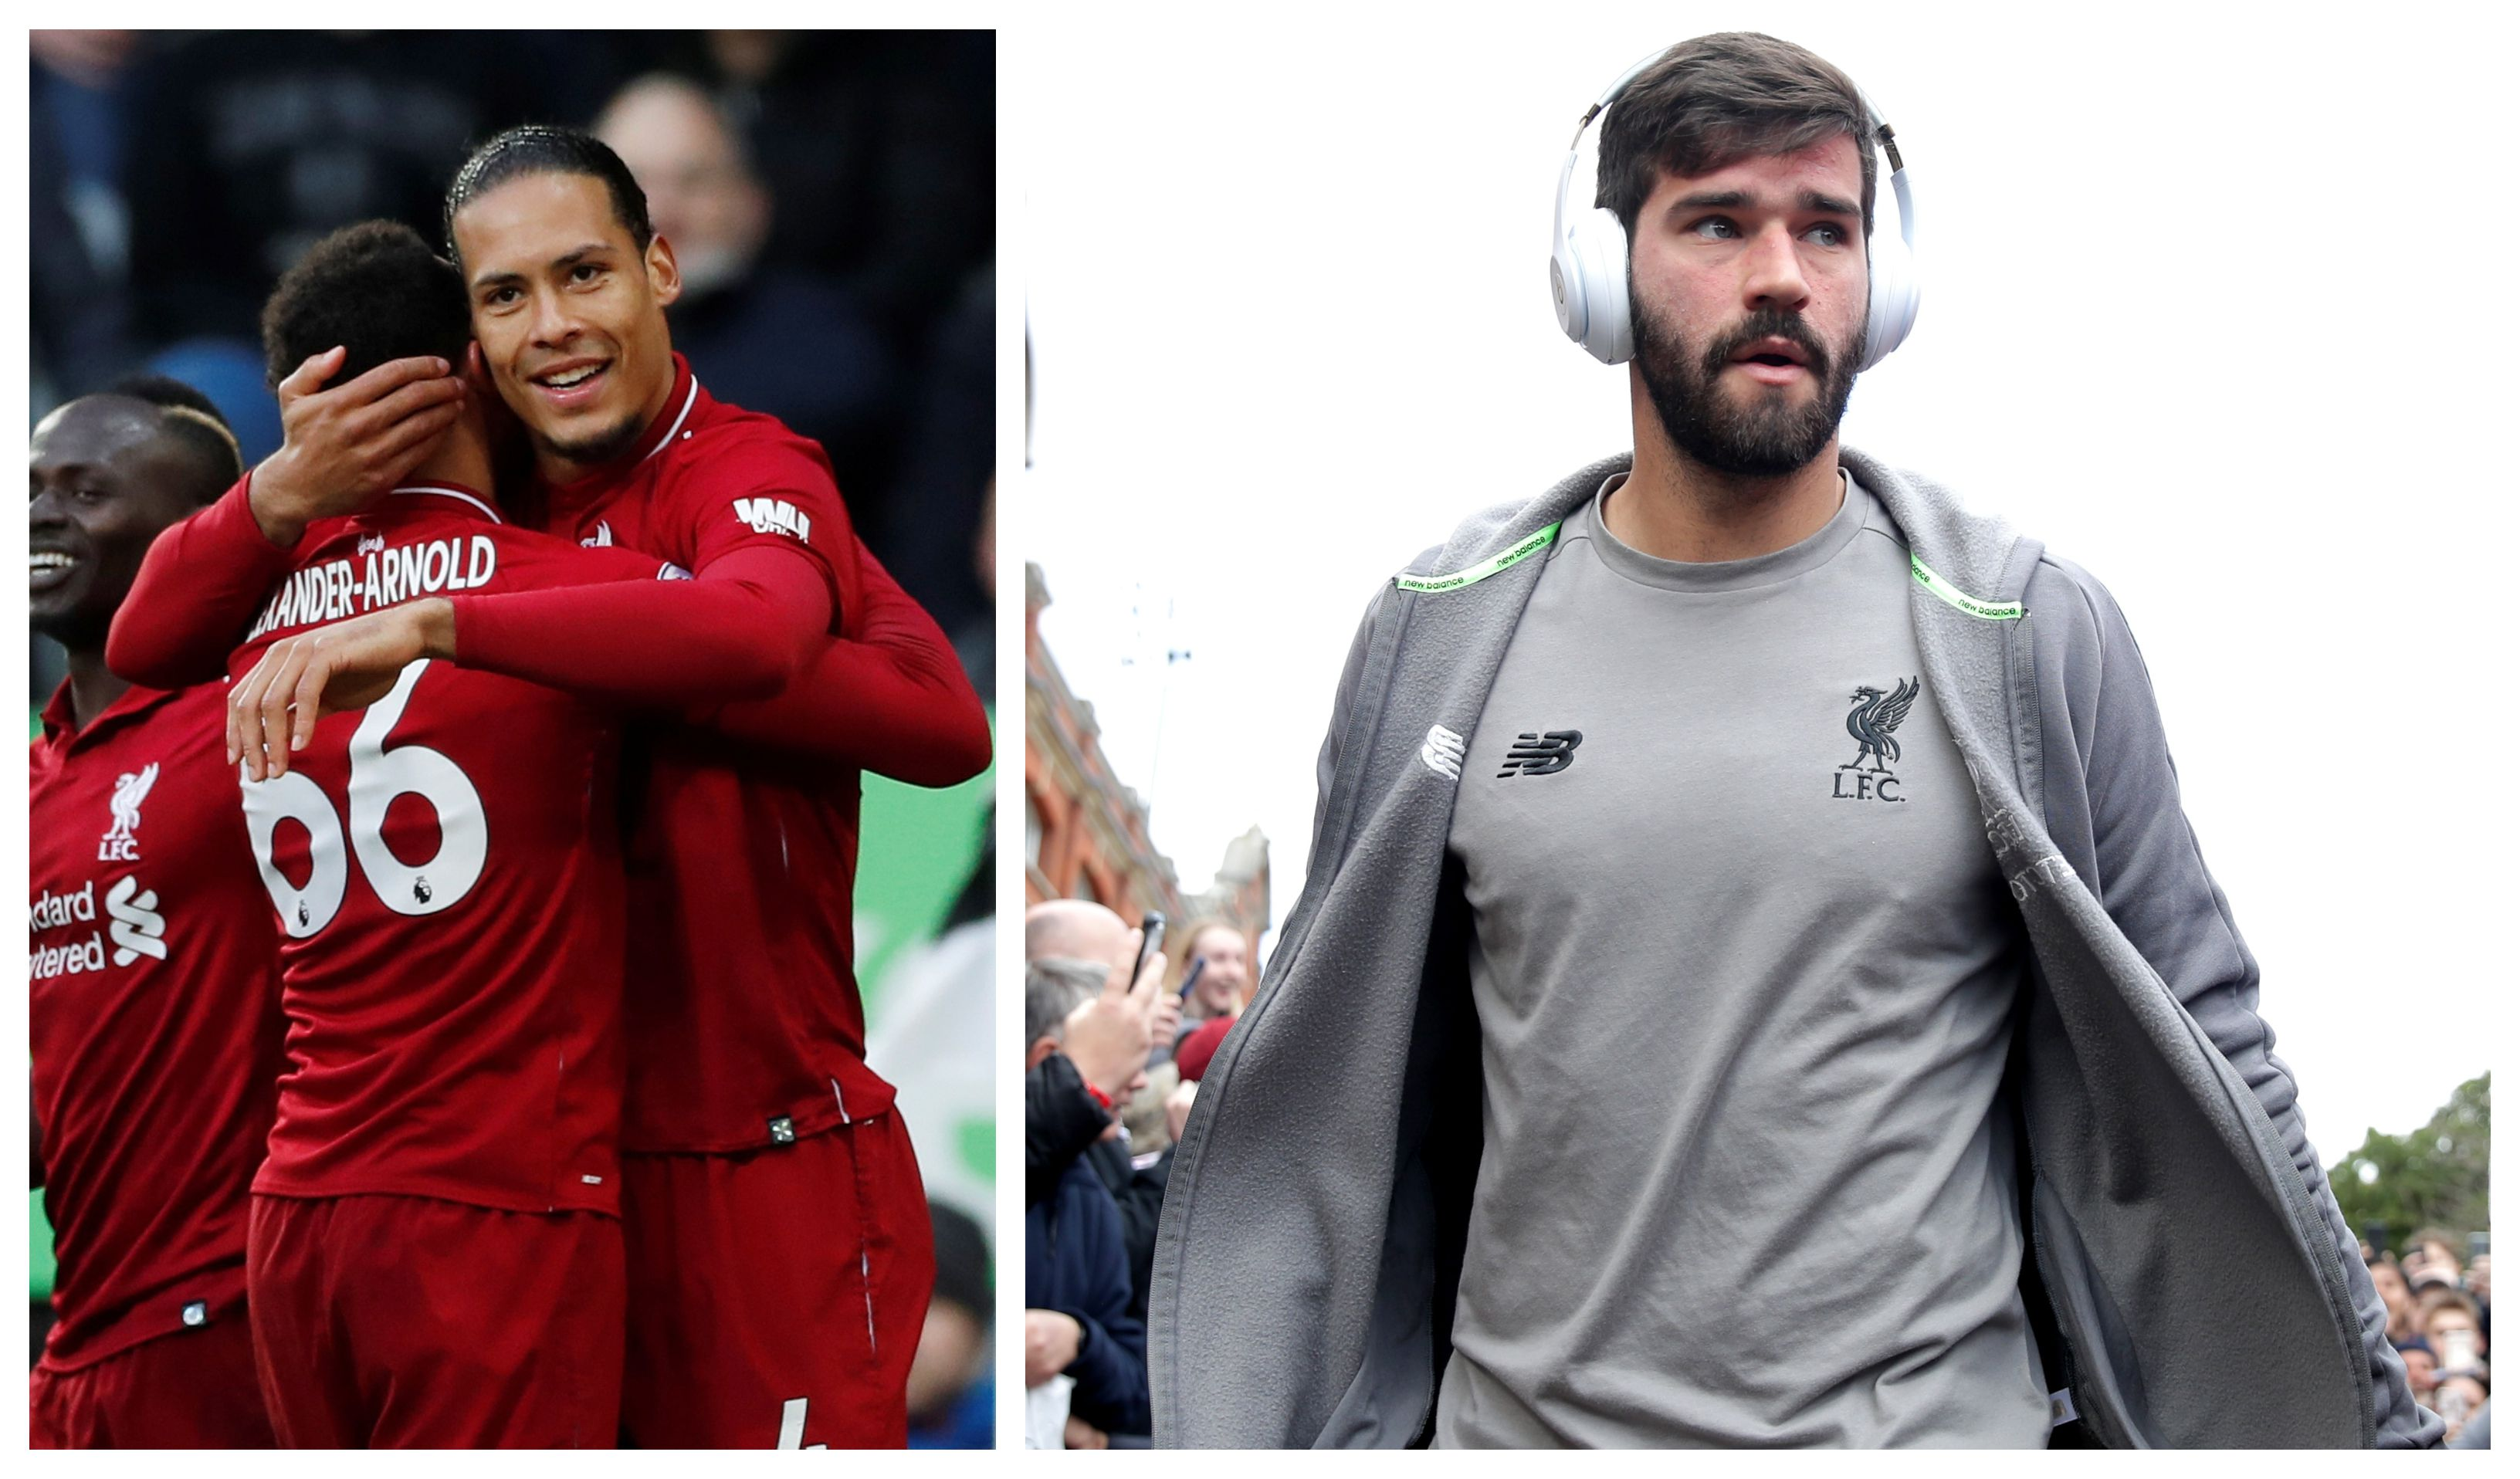 Svi bruje o ekipi Liverpoola: Ovo su njihovi najzgodniji nogometaši!